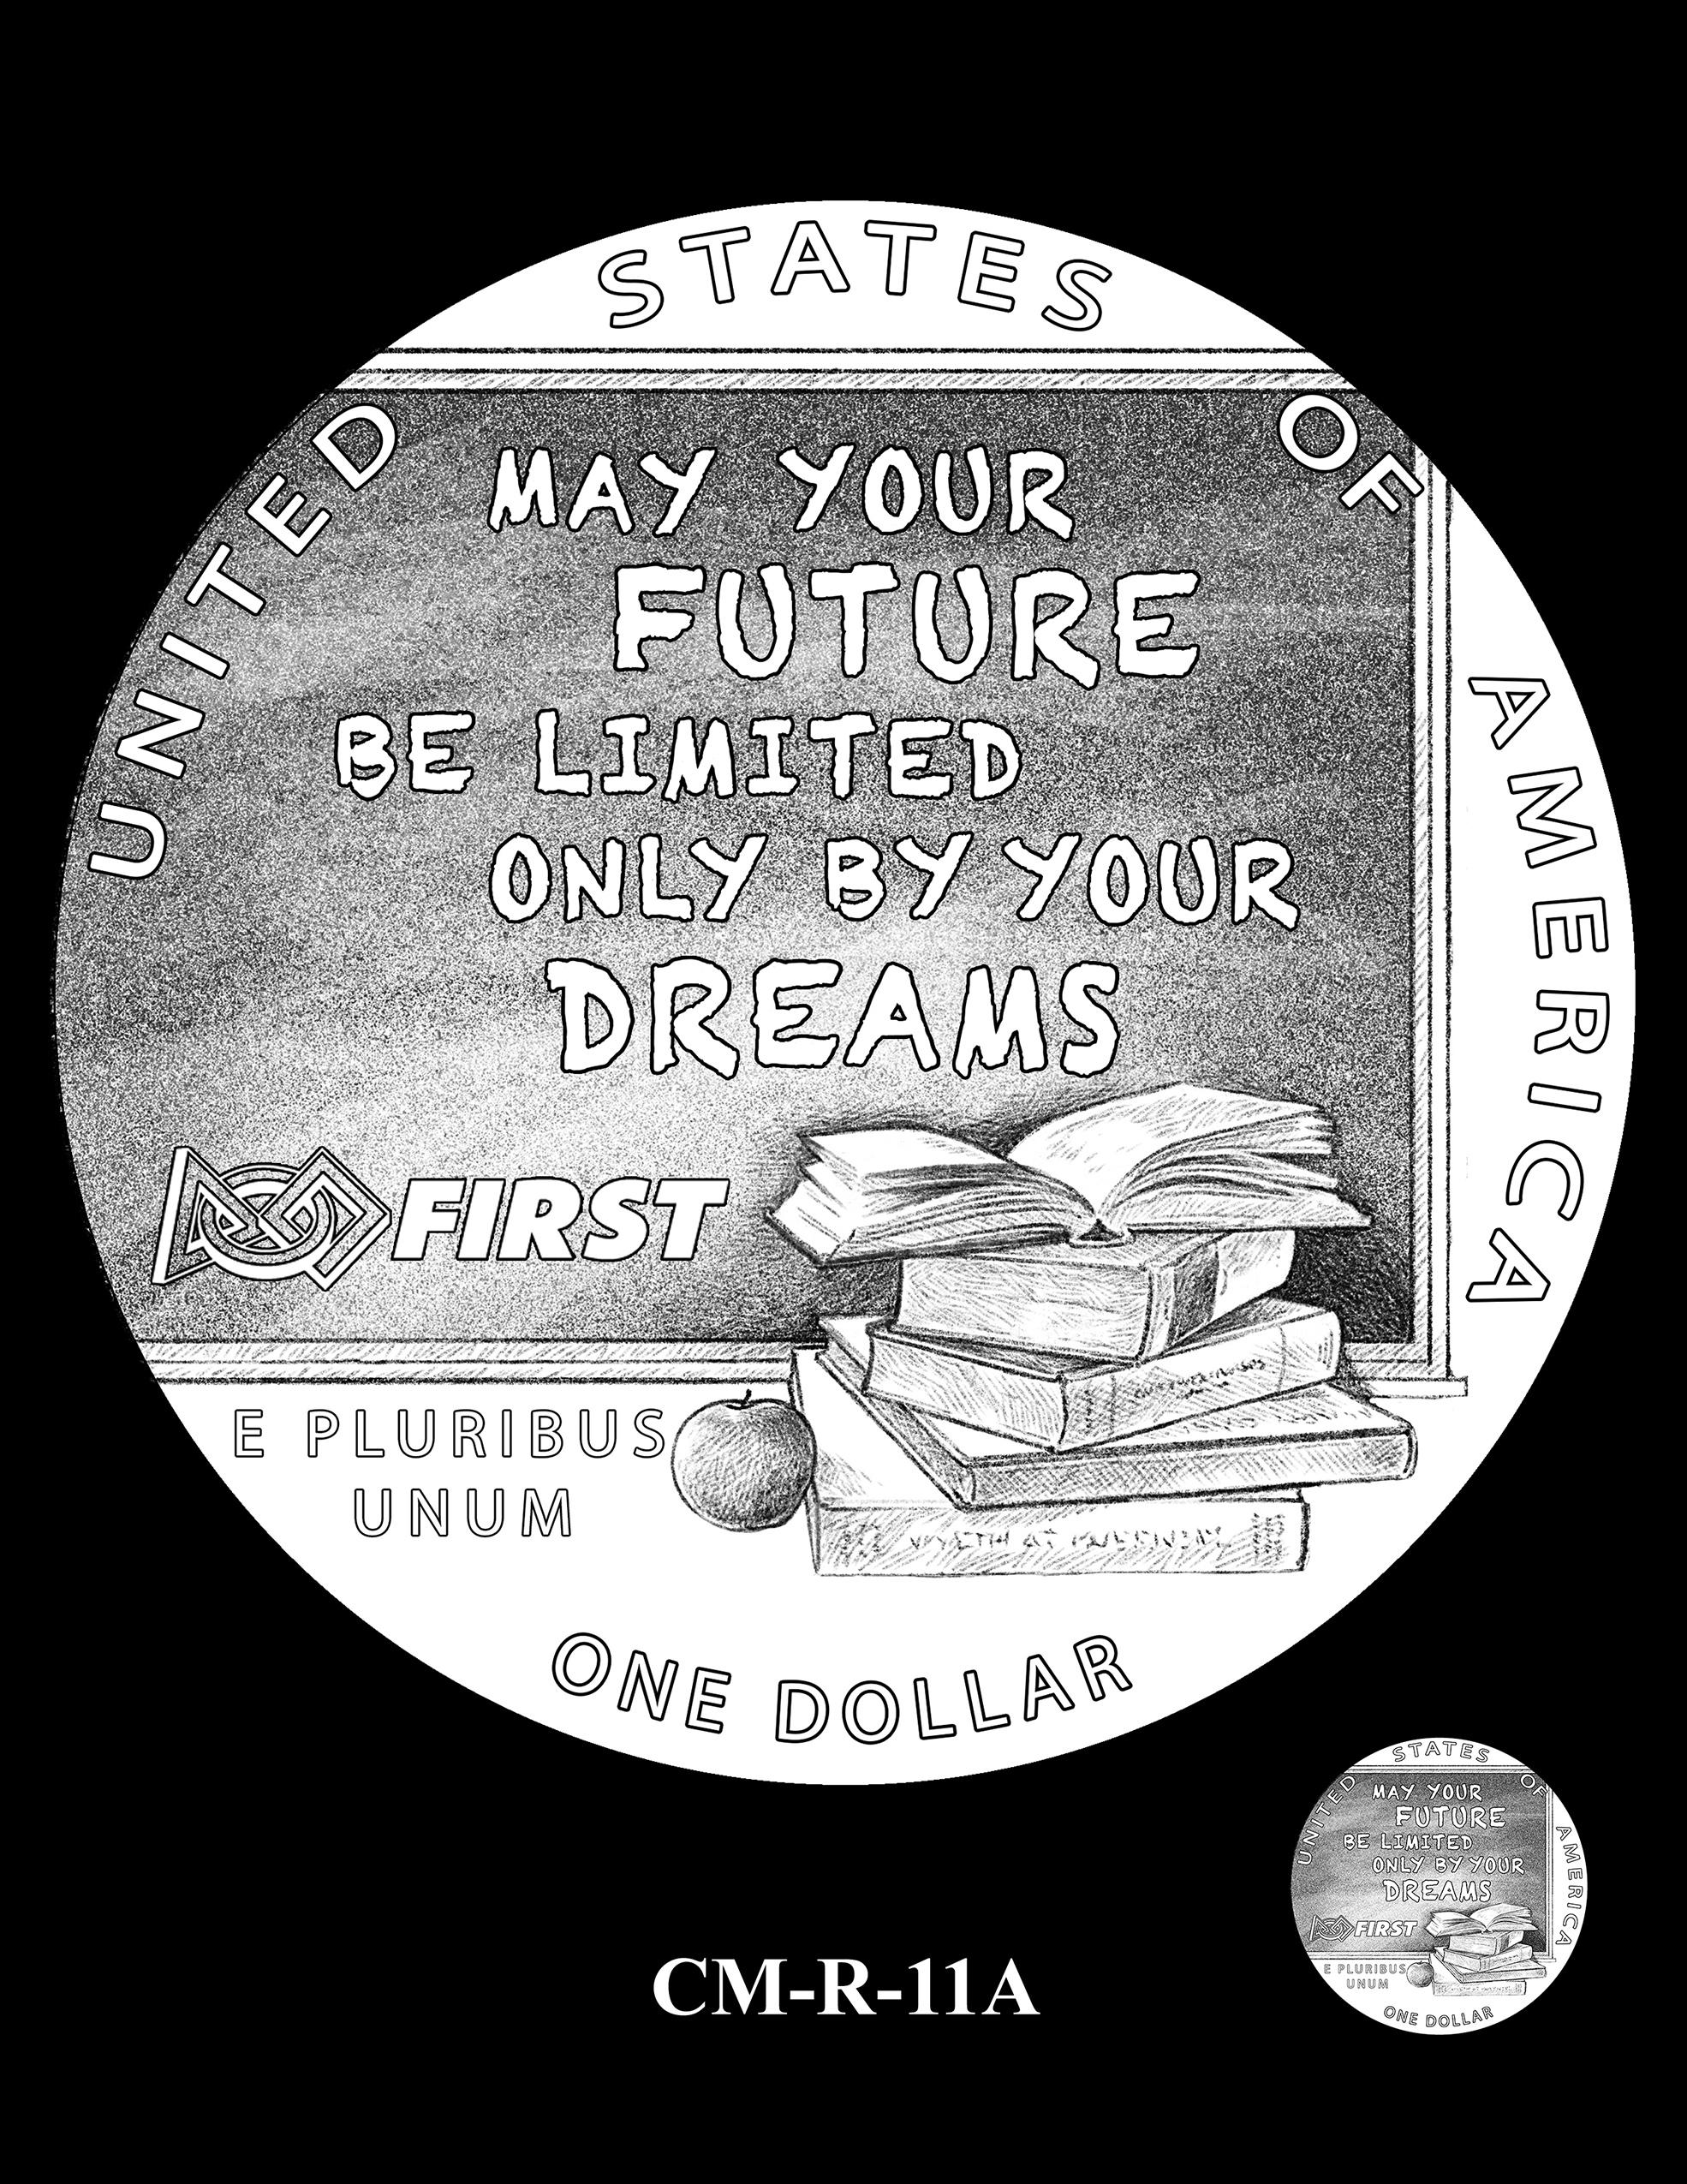 CM-R-11A -- 2021 Christa McAuliffe Commemorative Coin